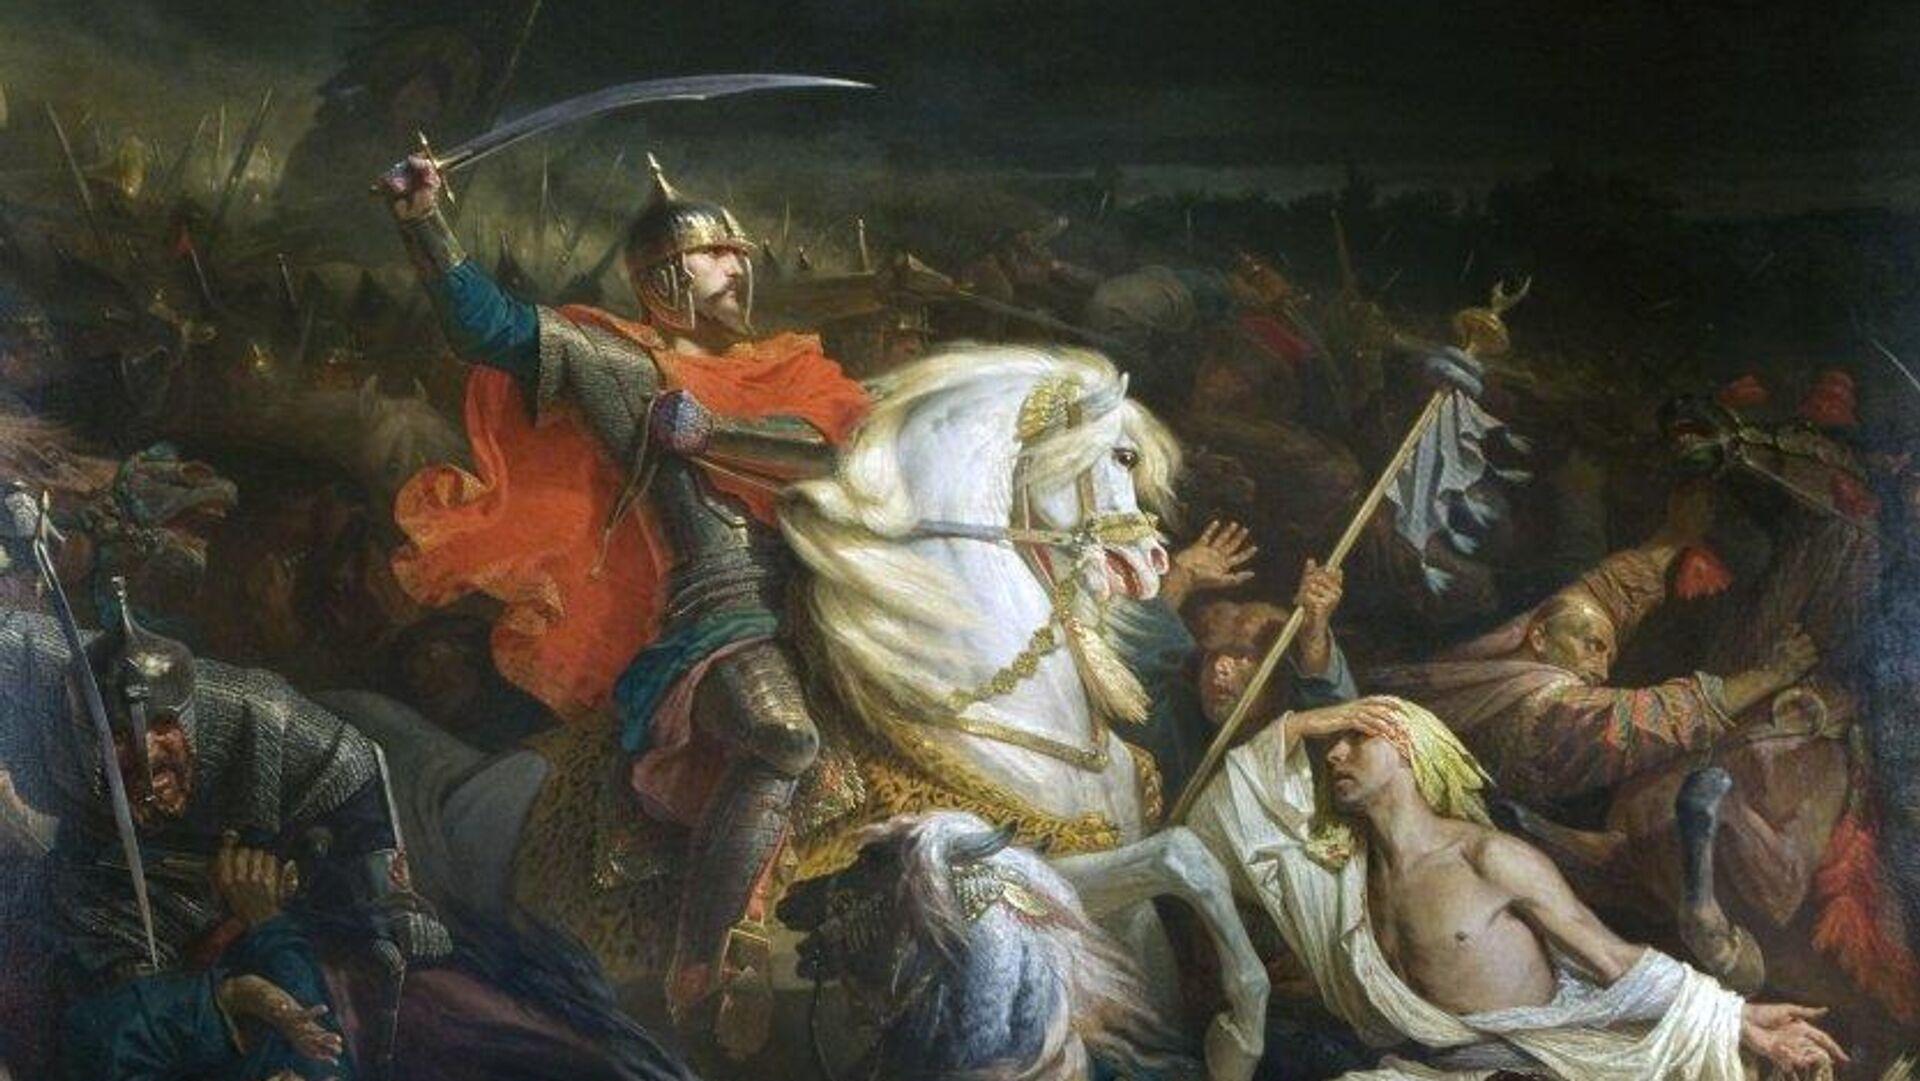 Картина Адольфа Ивона Куликовская битва. 1859 год - РИА Новости, 1920, 02.09.2021